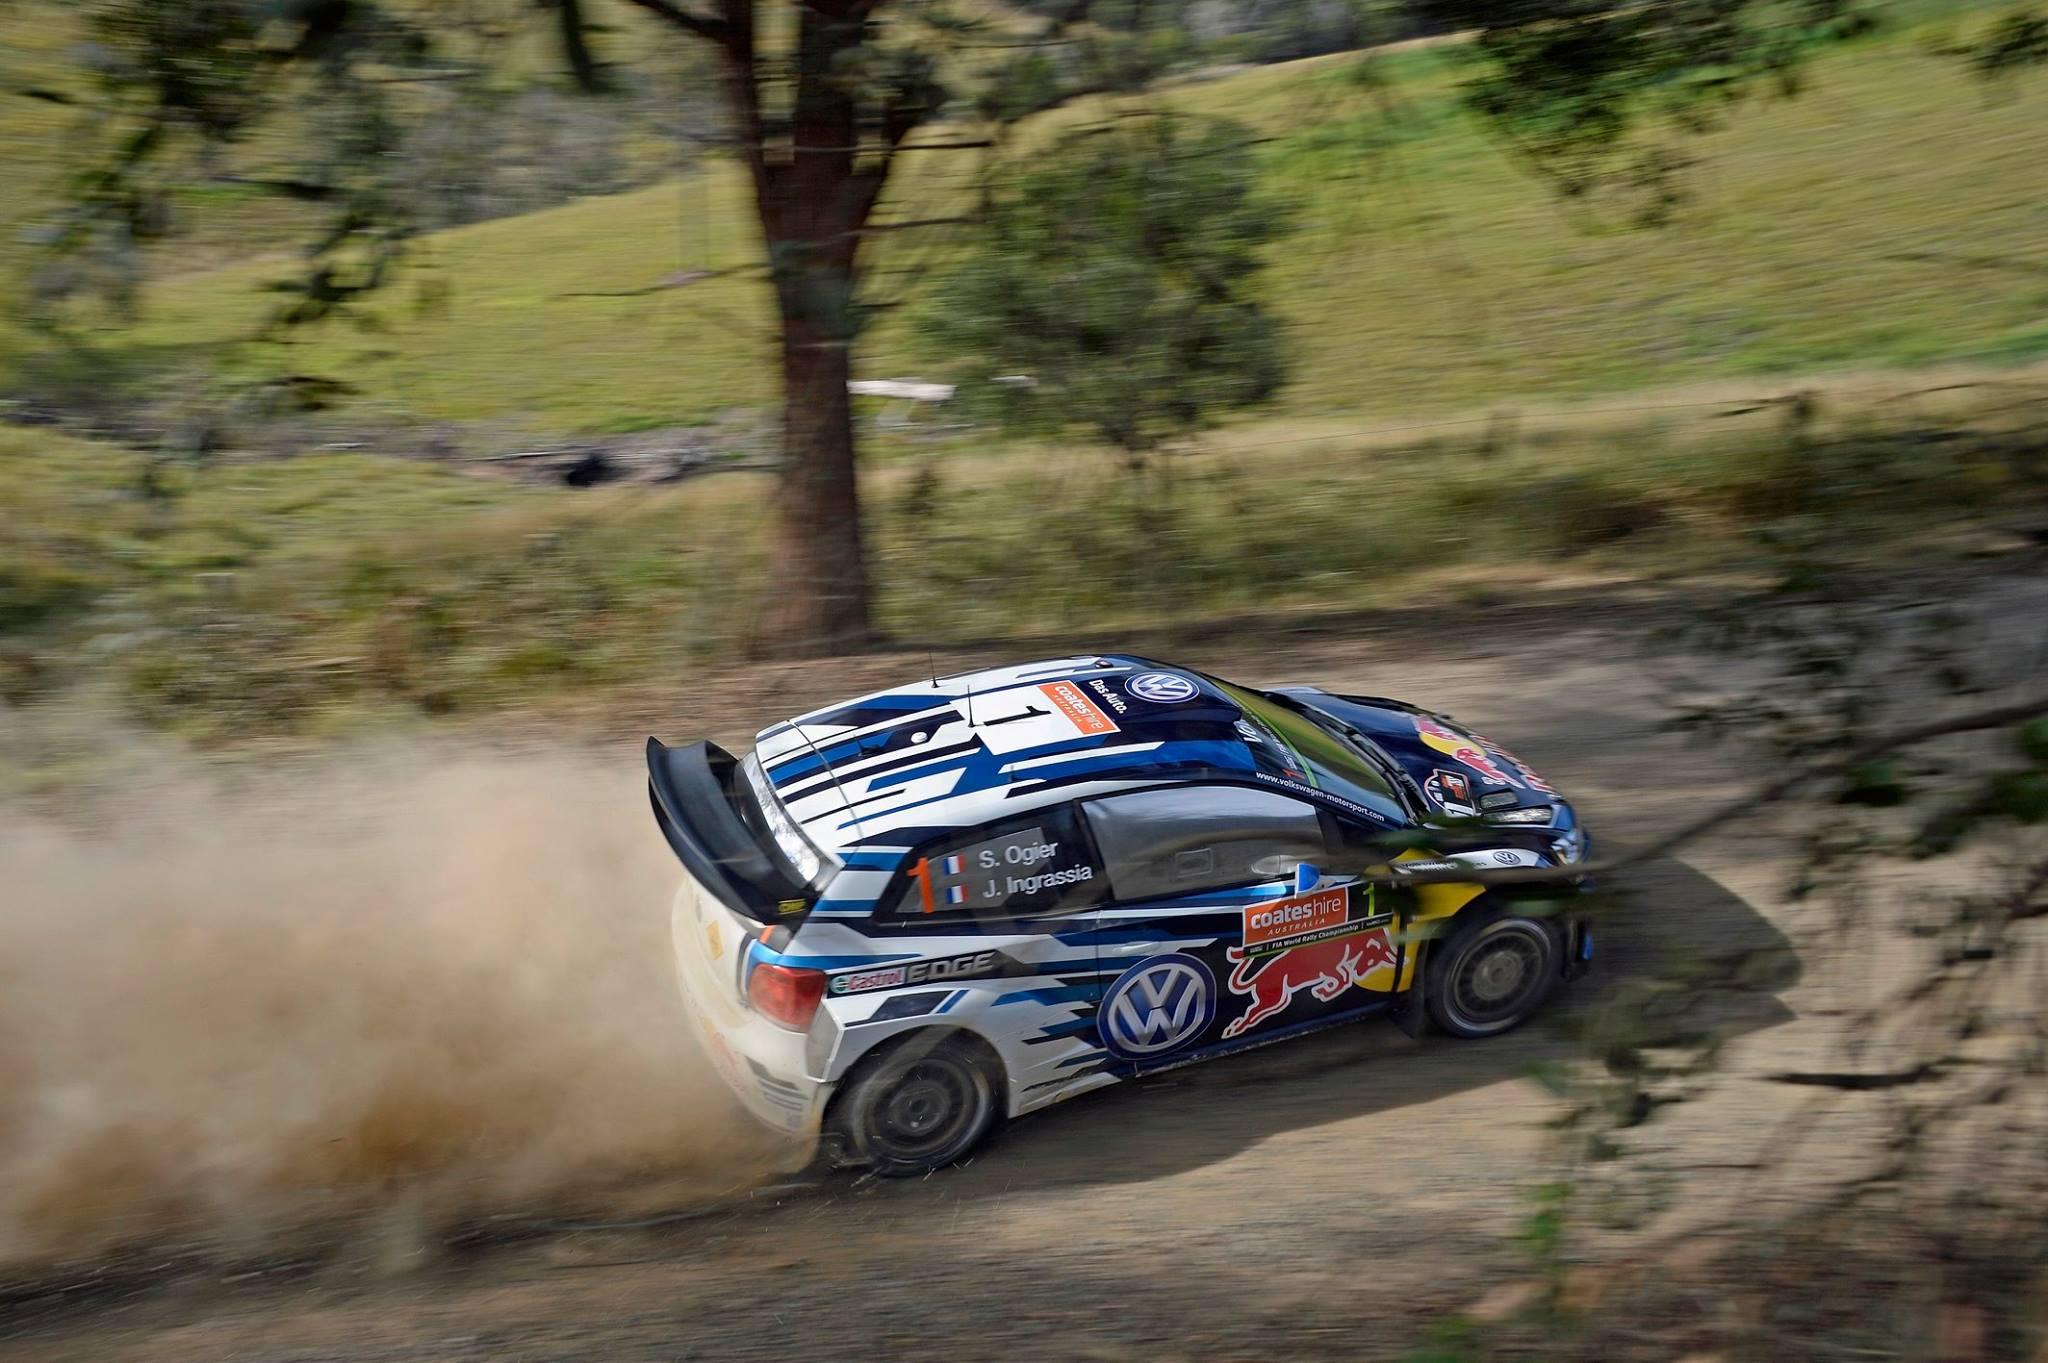 Résultat Rallye WRC d'Australie : Replay vidéo course, classement et départ de Volkswagen